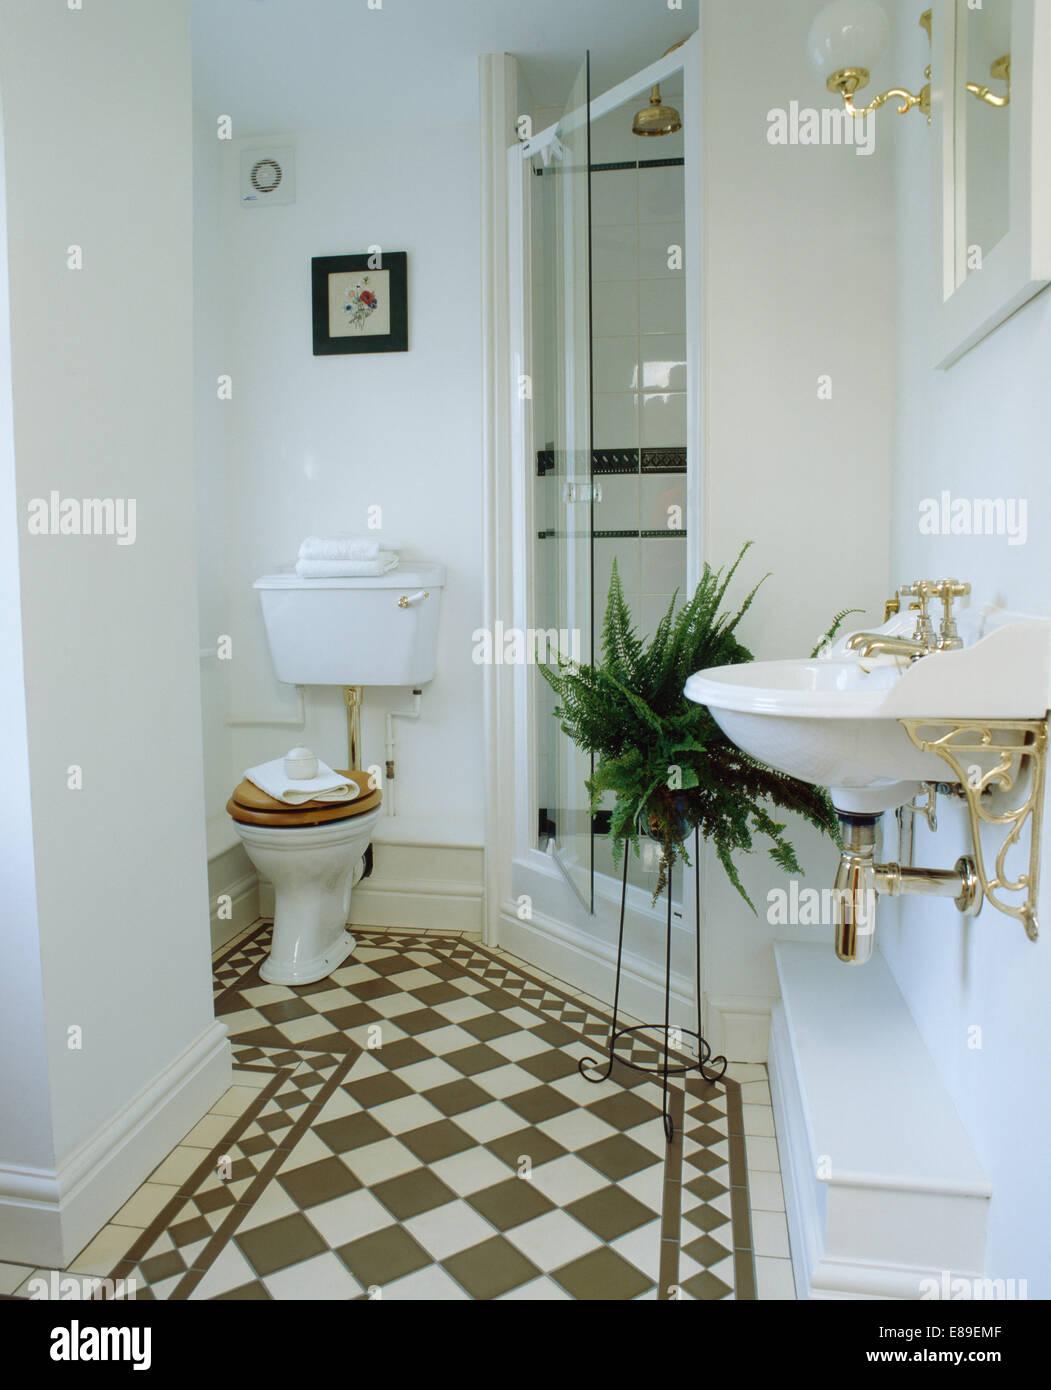 Fougeres Dans La Salle De Bain ~ parquet en damier noir blanc blanc dans une salle de bains